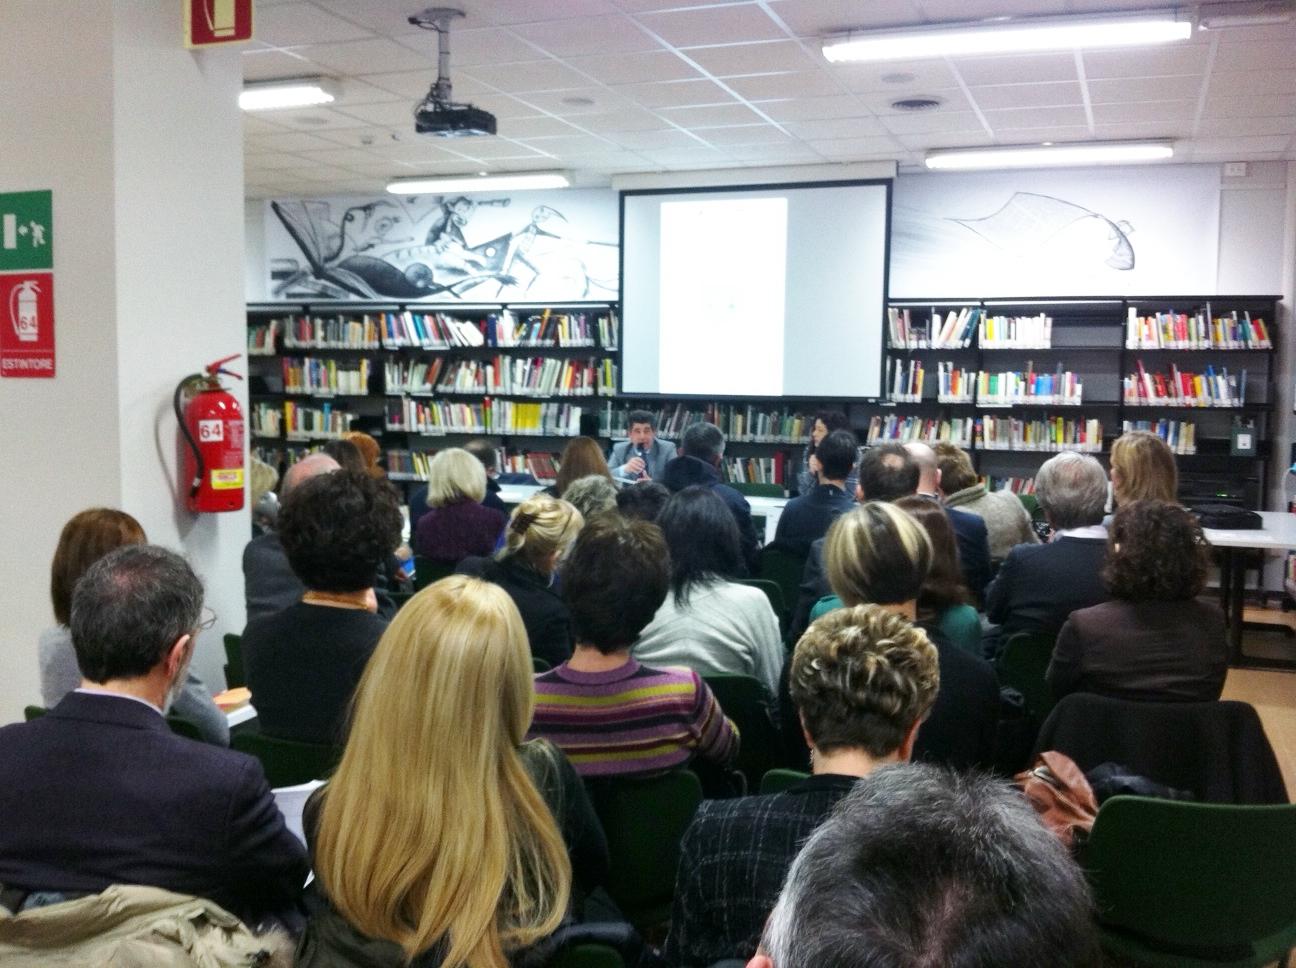 Incontro pubblico sulle biblioteche regionali. Udine, 23 marzo 2013